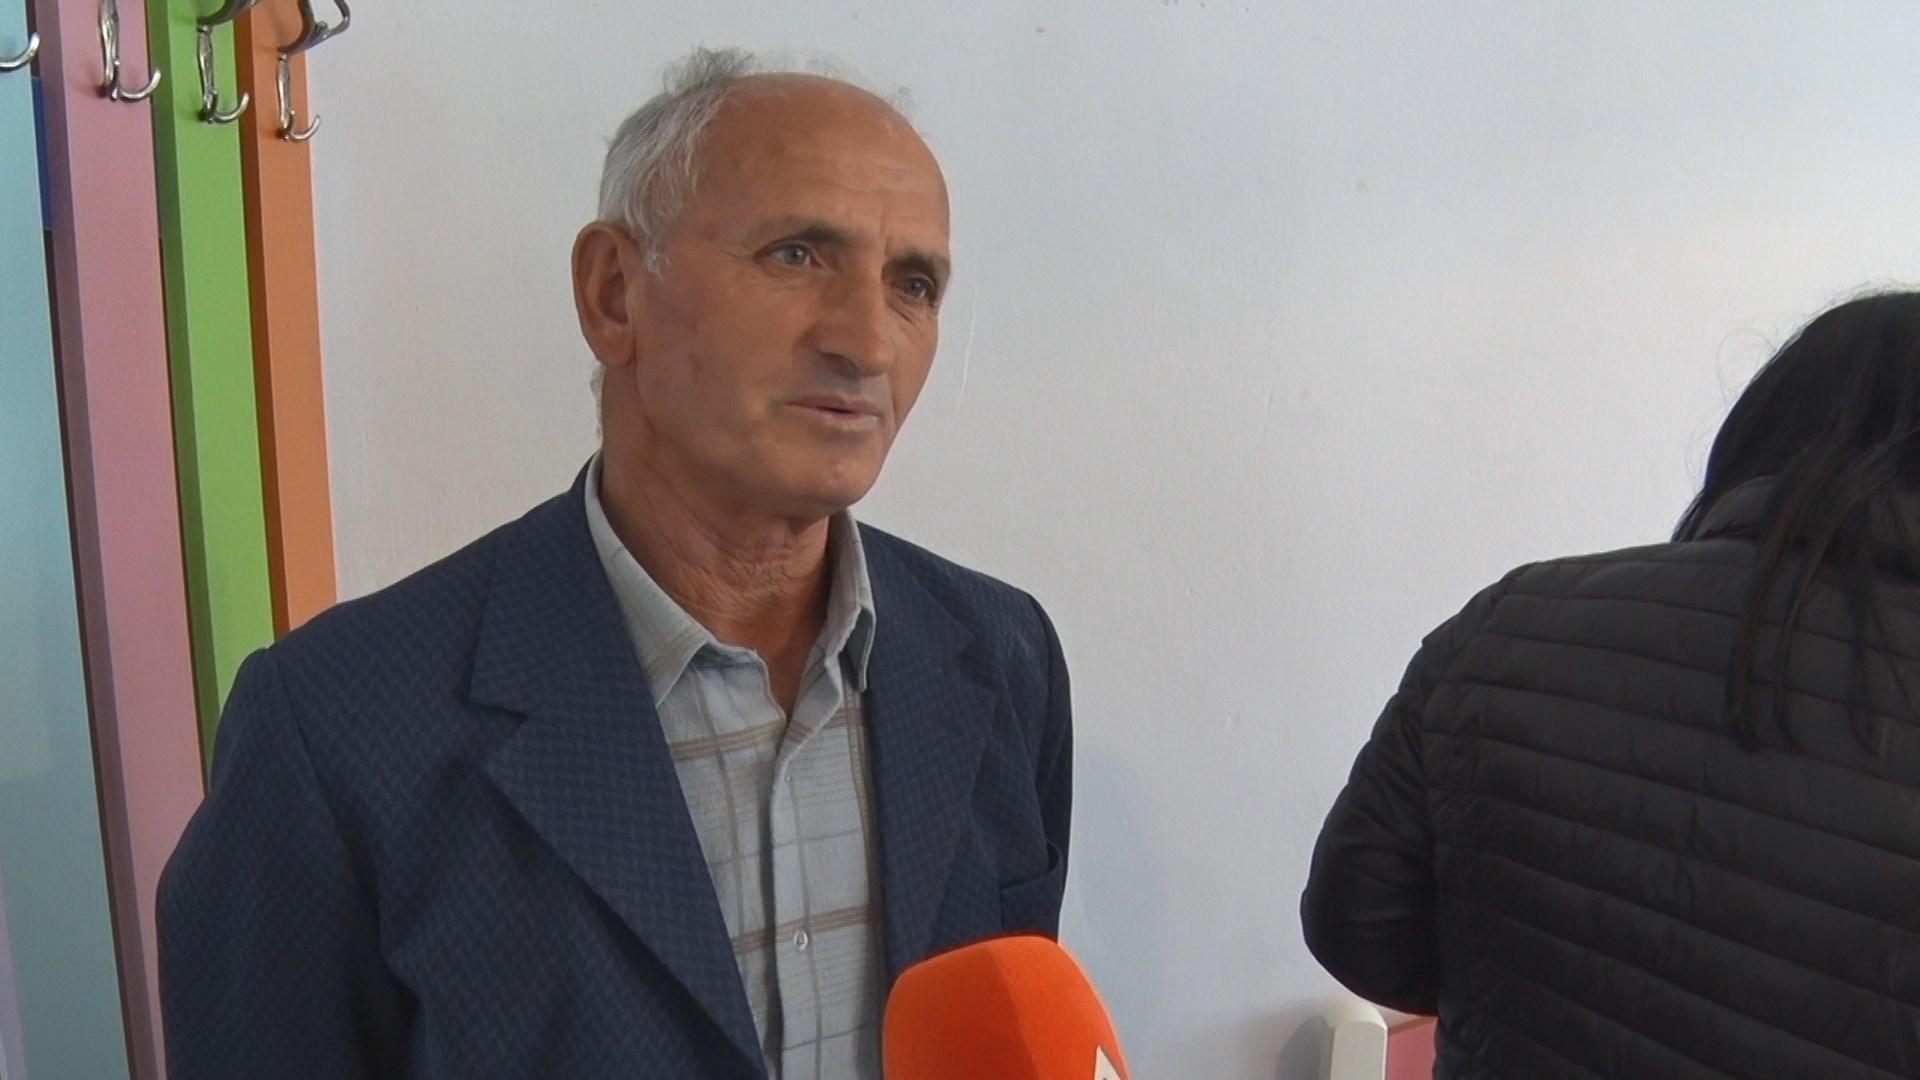 Talasemikët në Lushnjë, mjekët: Kërkohen dhurues vullnetarë